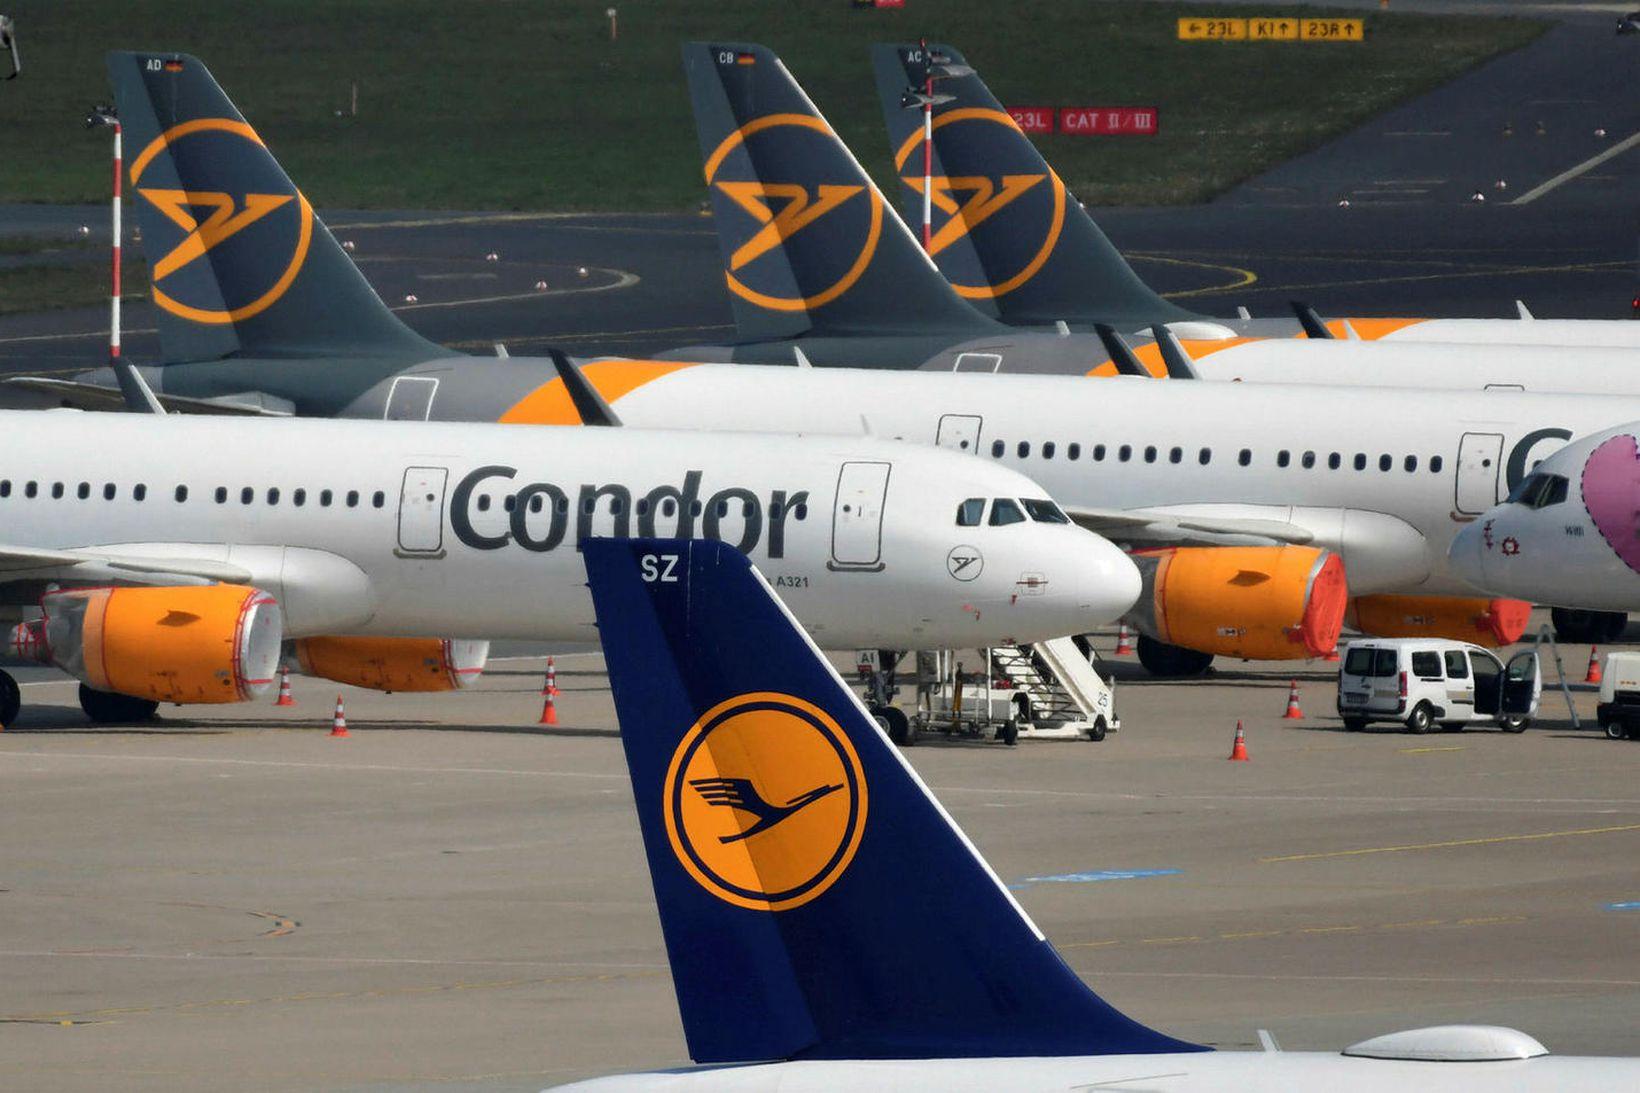 Þotur Lufthansa á flugvellinum í Dusseldorf.